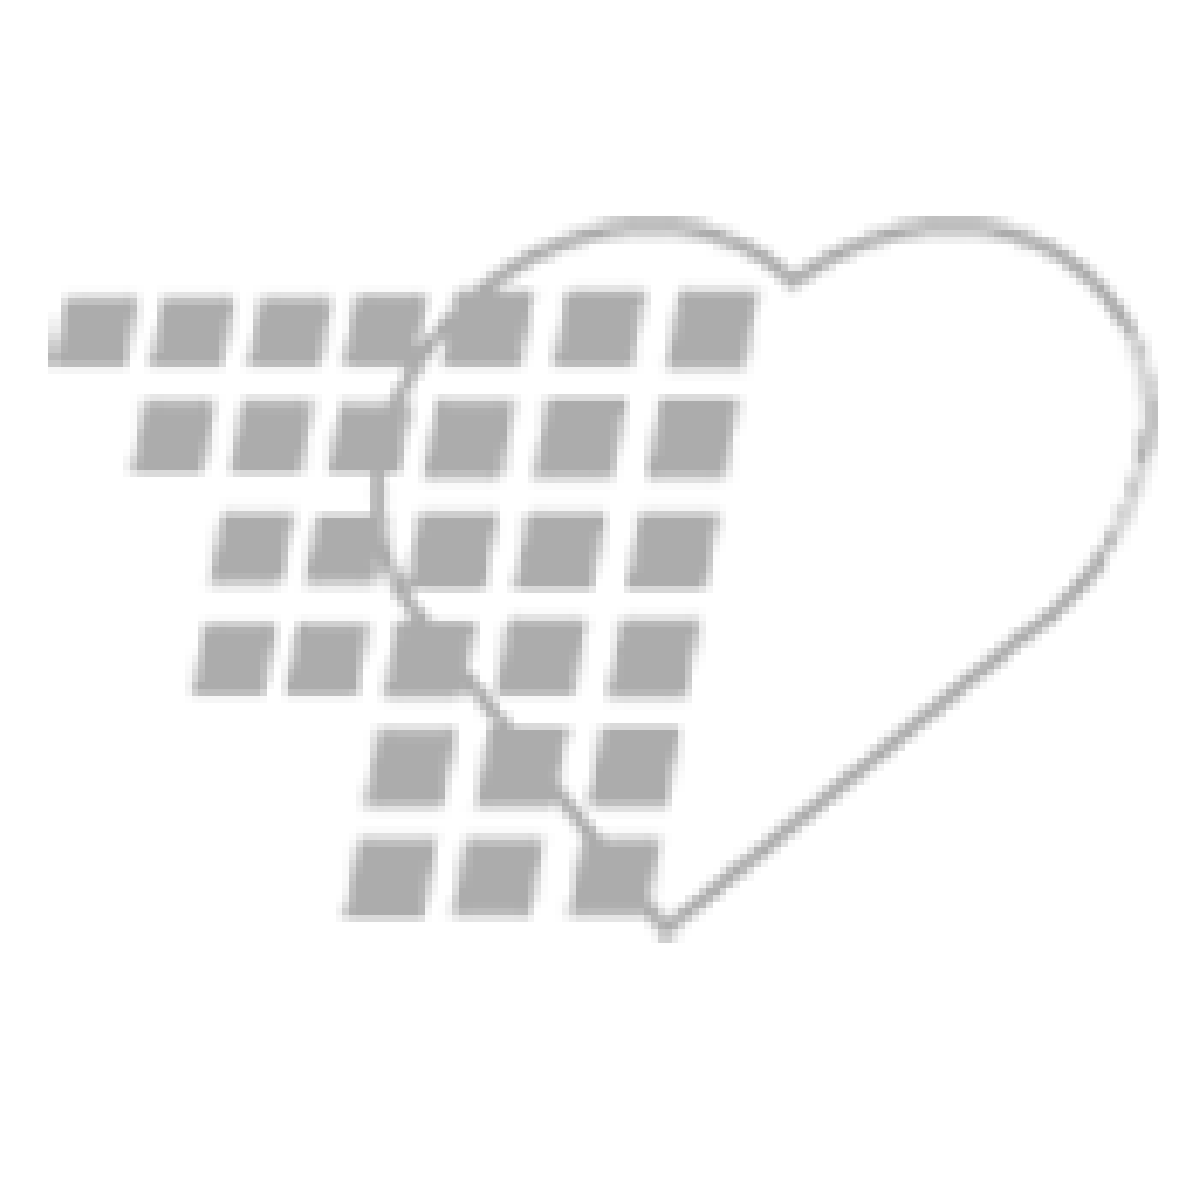 06-93-1020 Demo Dose® 0.9% Sodim Chlorid IV Fluid